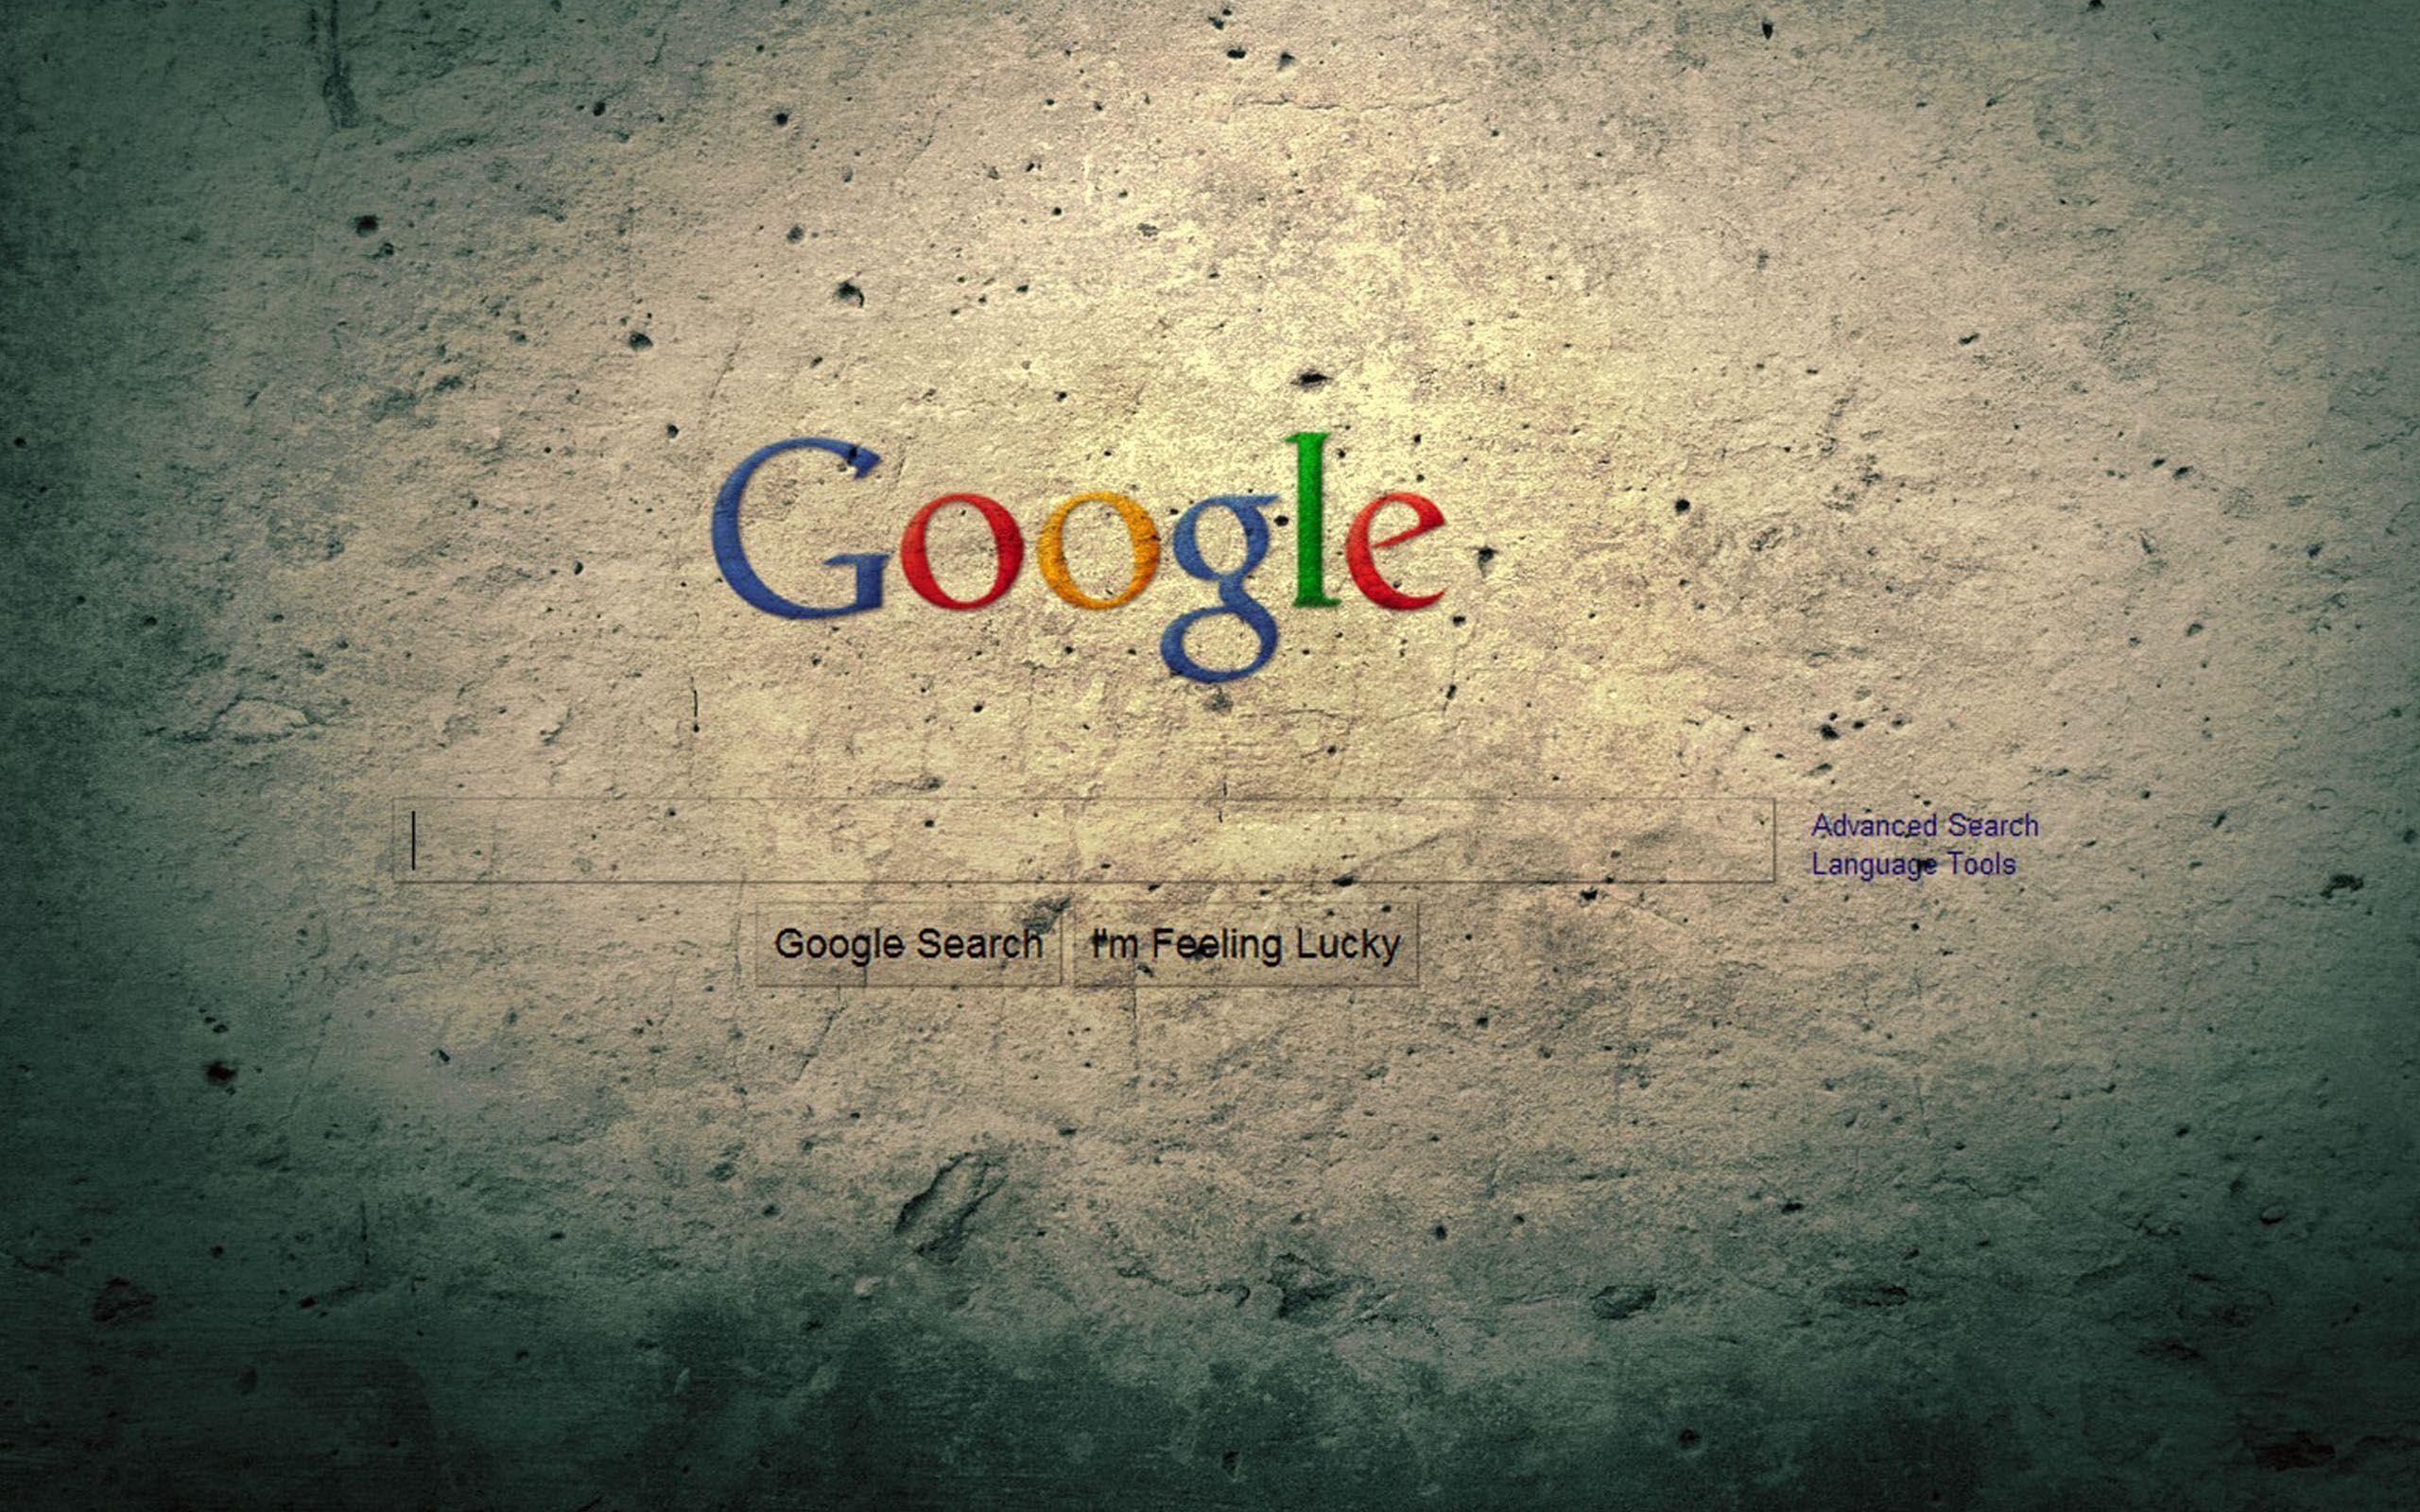 2560x1600 Nền Google mát mẻ miễn phí